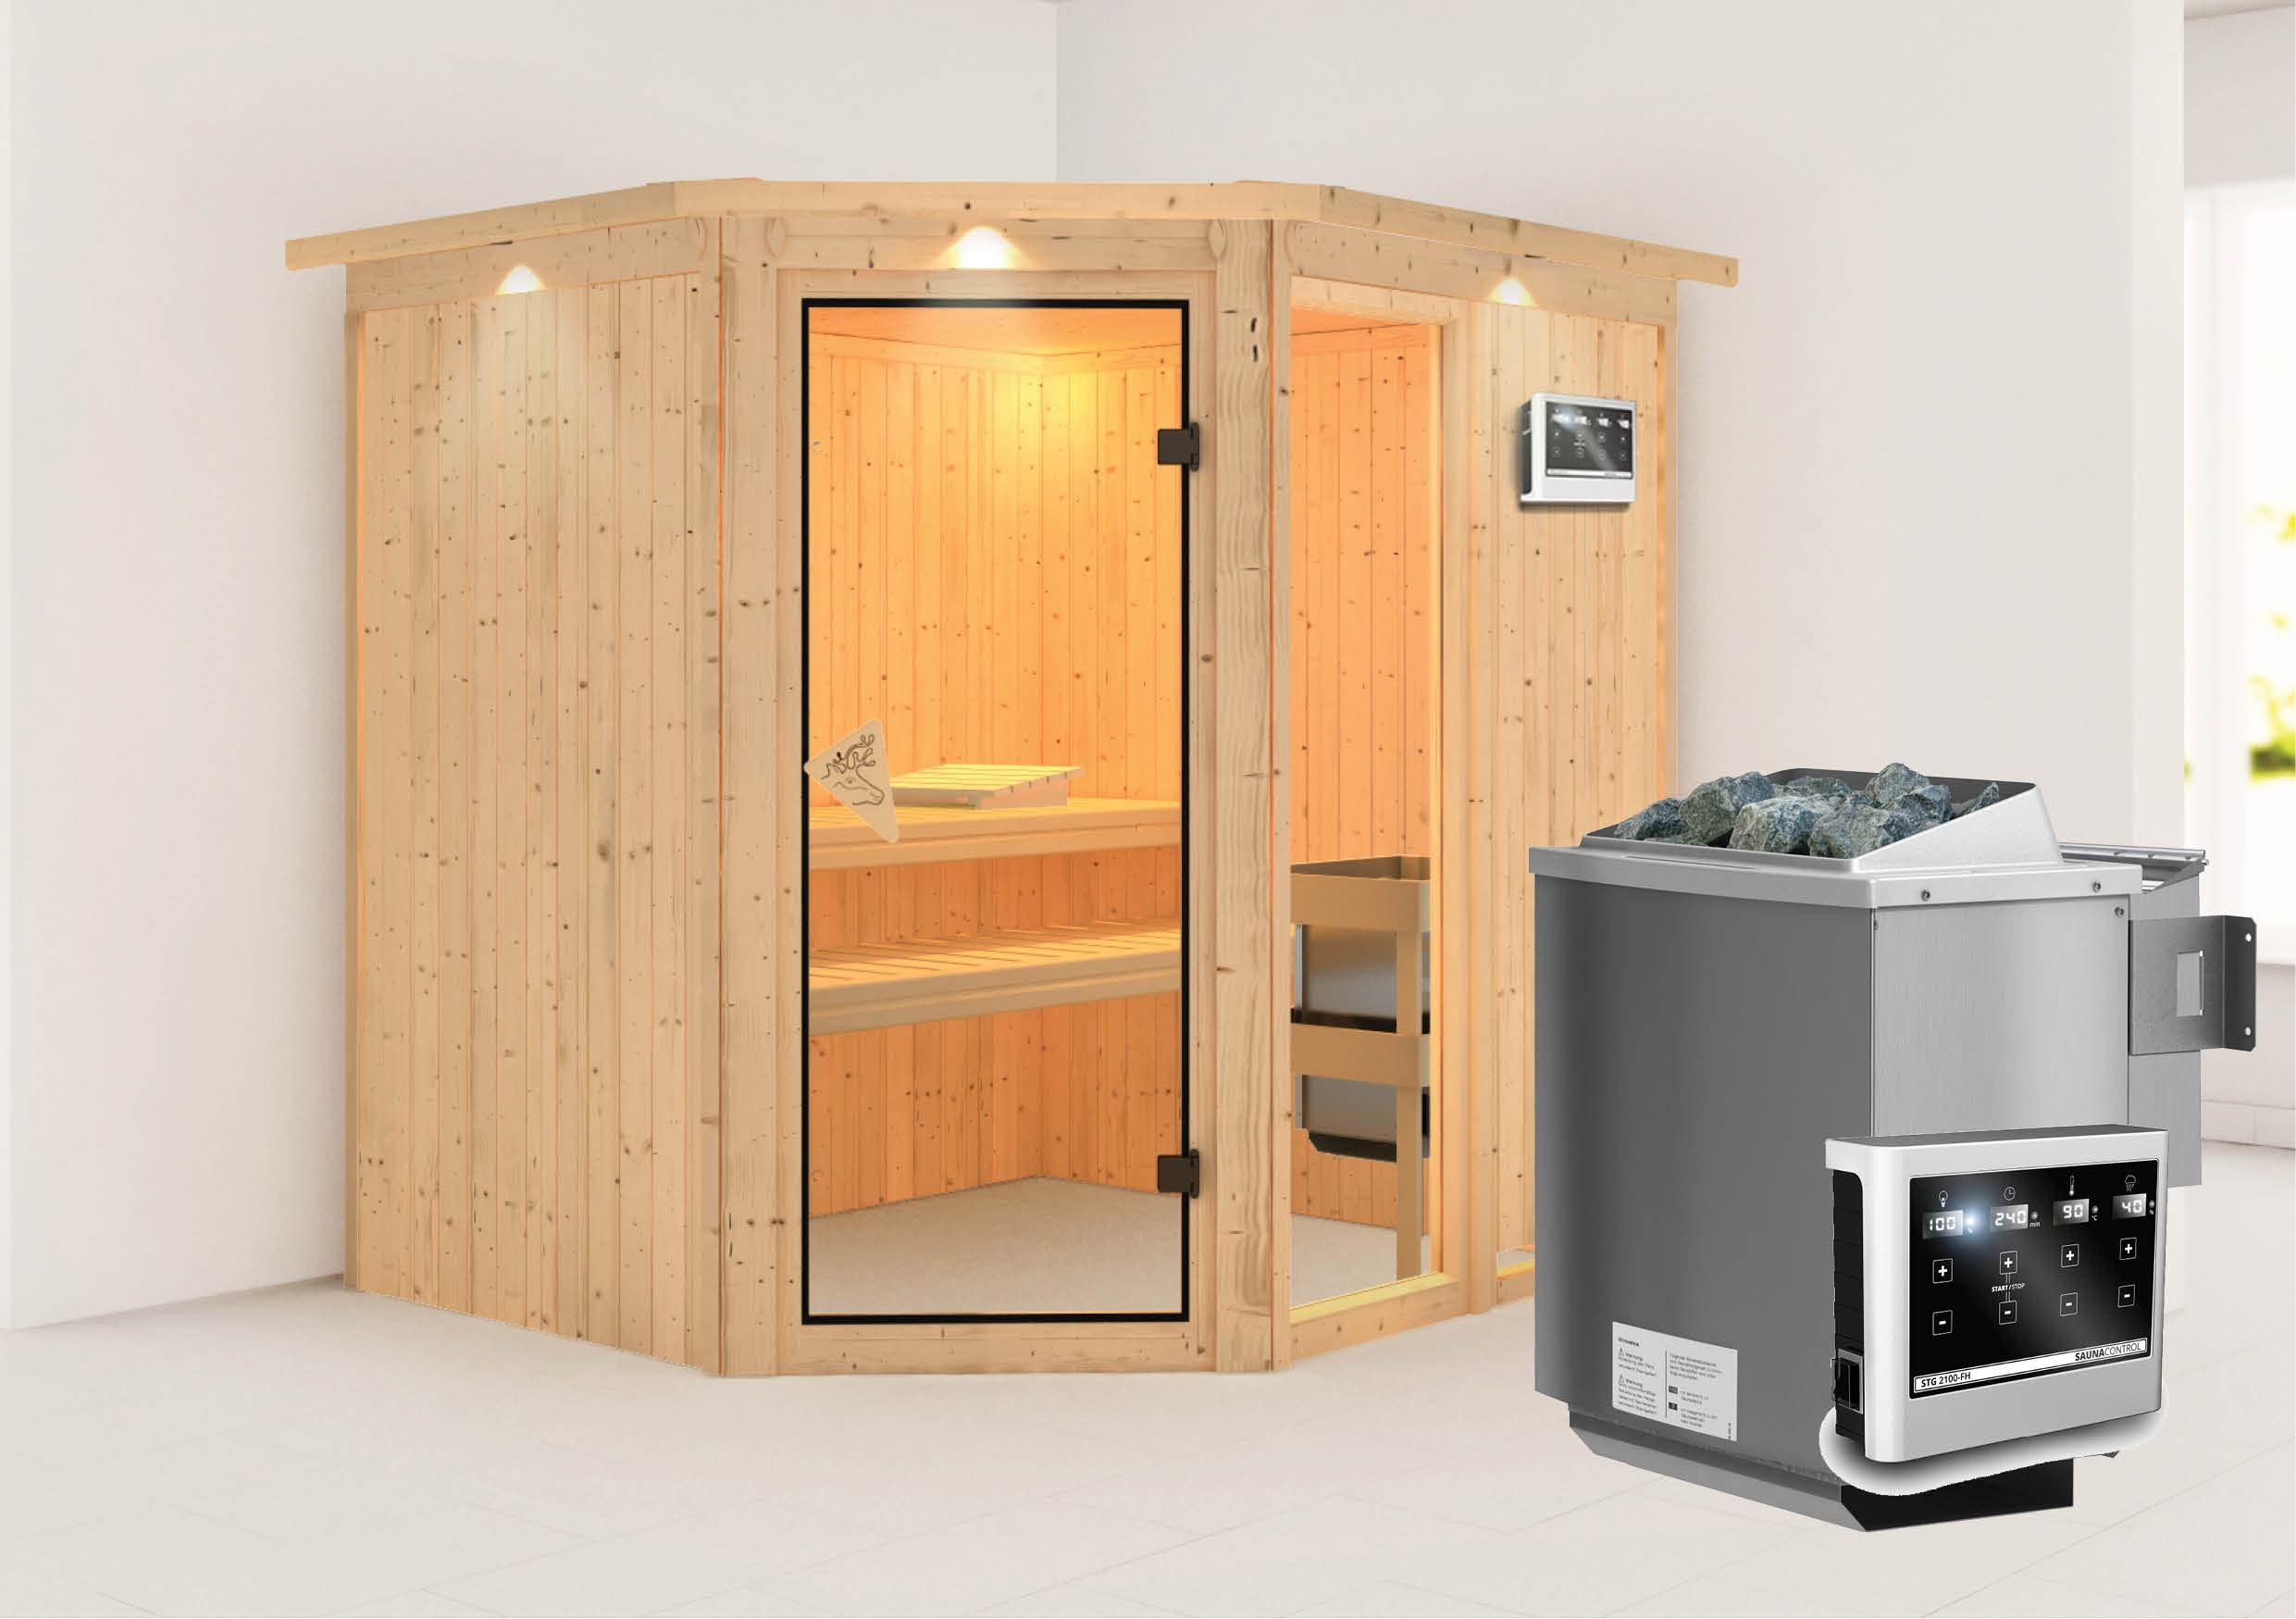 karibu sauna fiona2 68mm dachkranz bio ofen 9kw extern bei. Black Bedroom Furniture Sets. Home Design Ideas